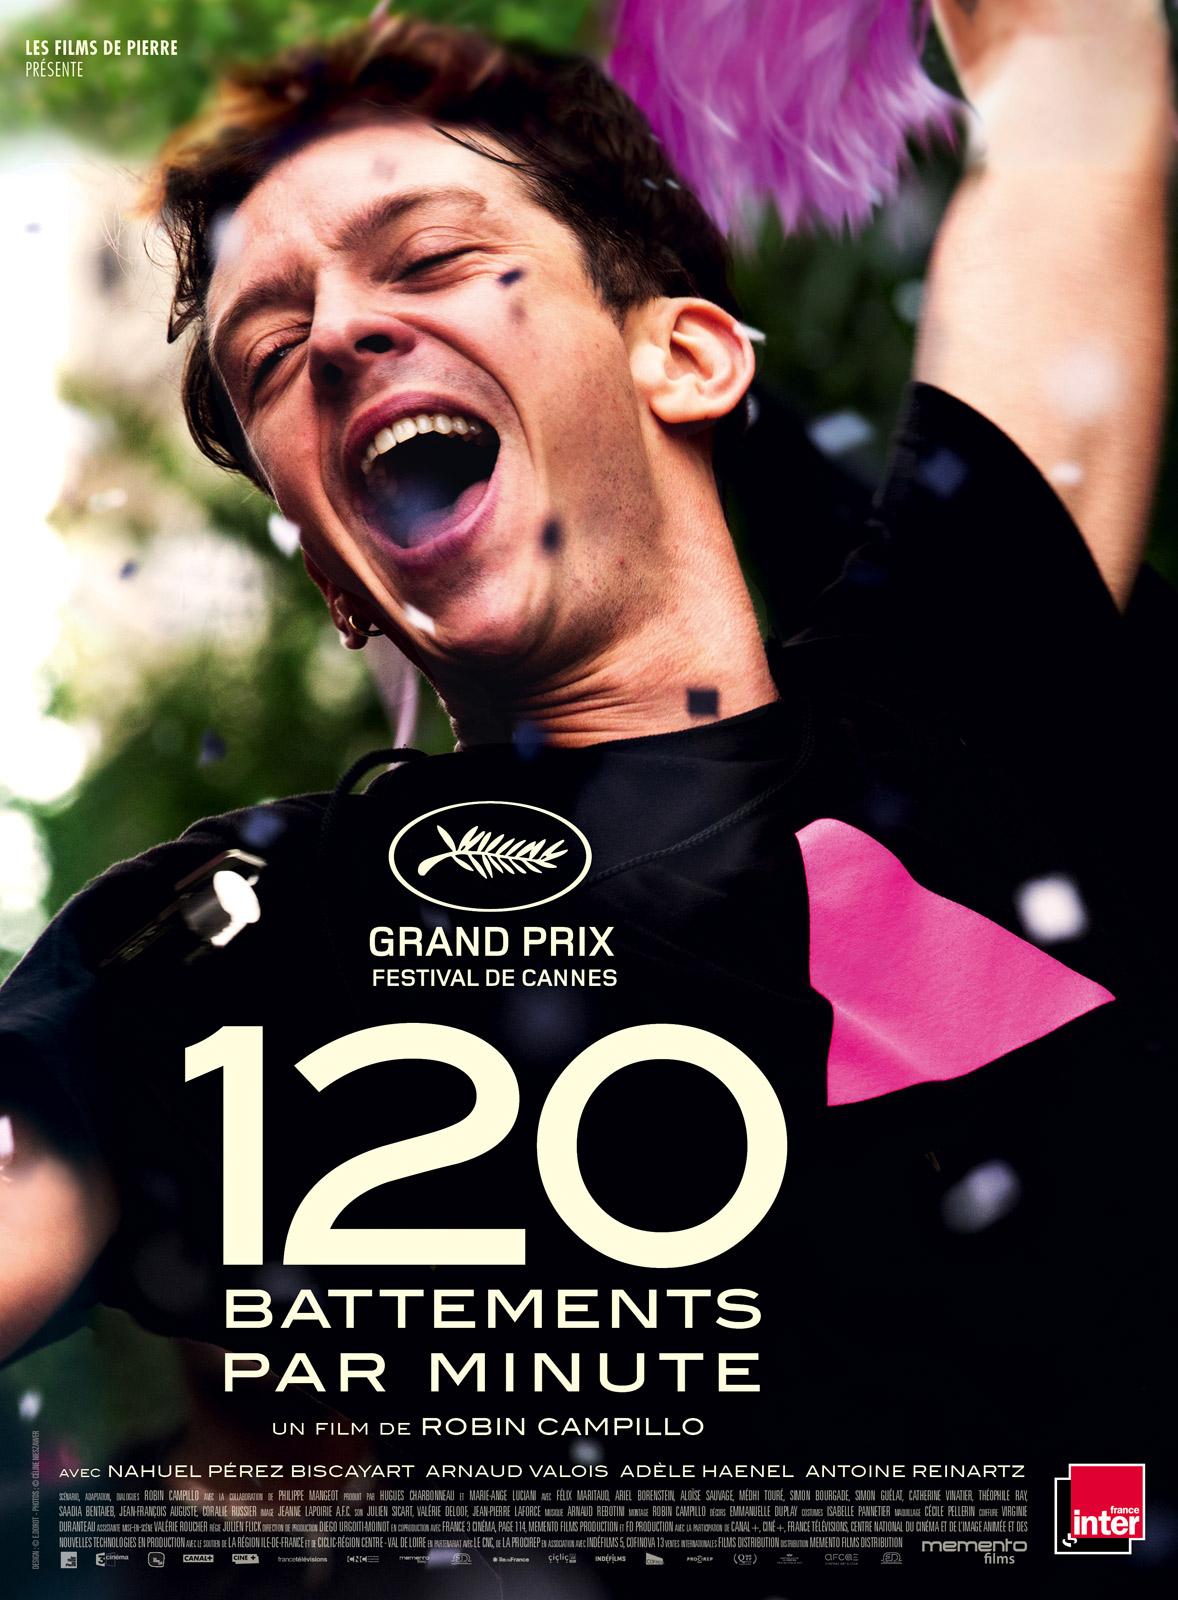 영화 '120bpm'의 포스터.